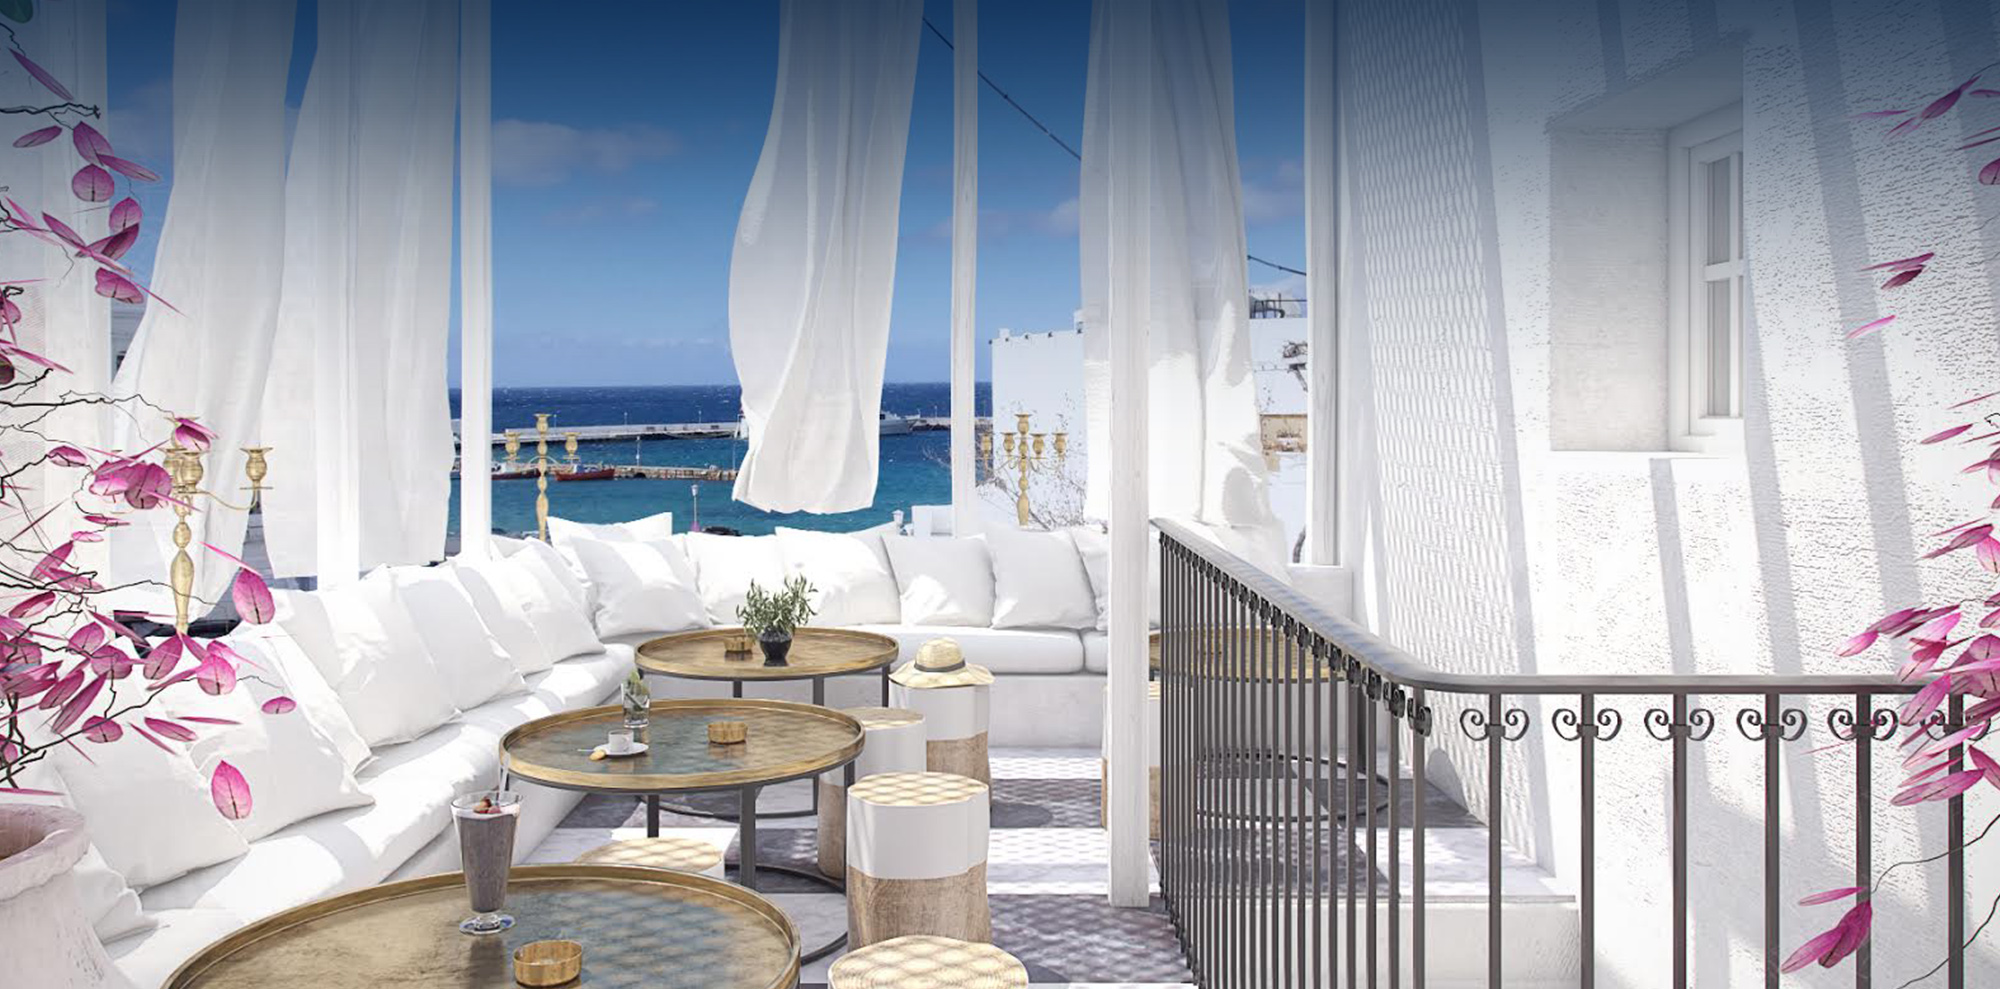 TownHouse Mykonos Hotel